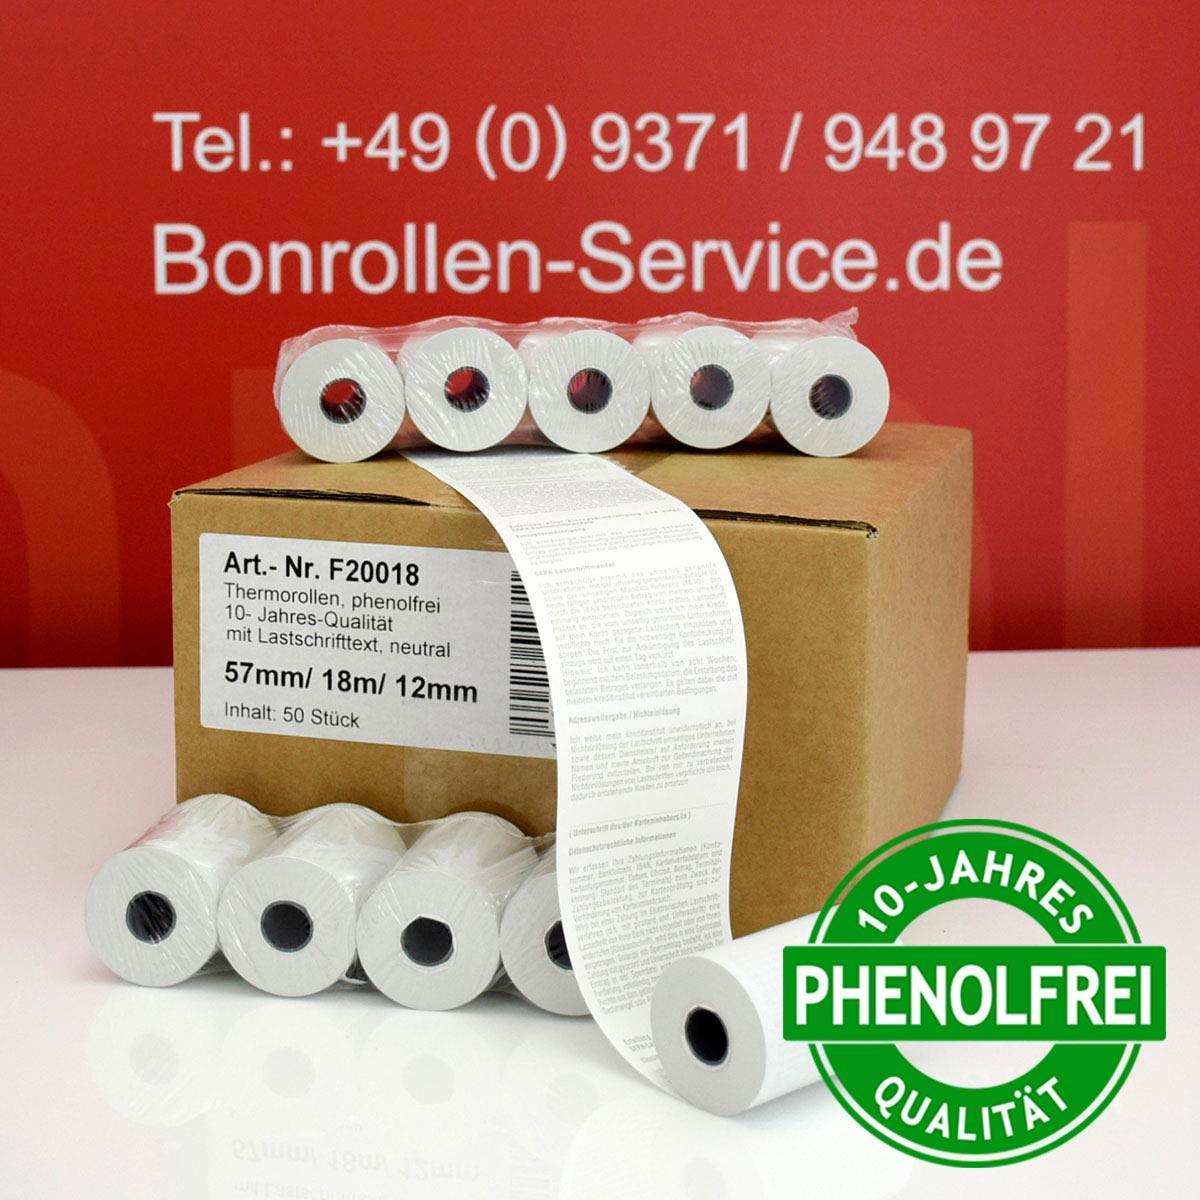 Kurze EC-Thermorollen 57 / 18m / 12 weiß mit SEPA-Text (10-Jahres-Qualität, phenolfrei)